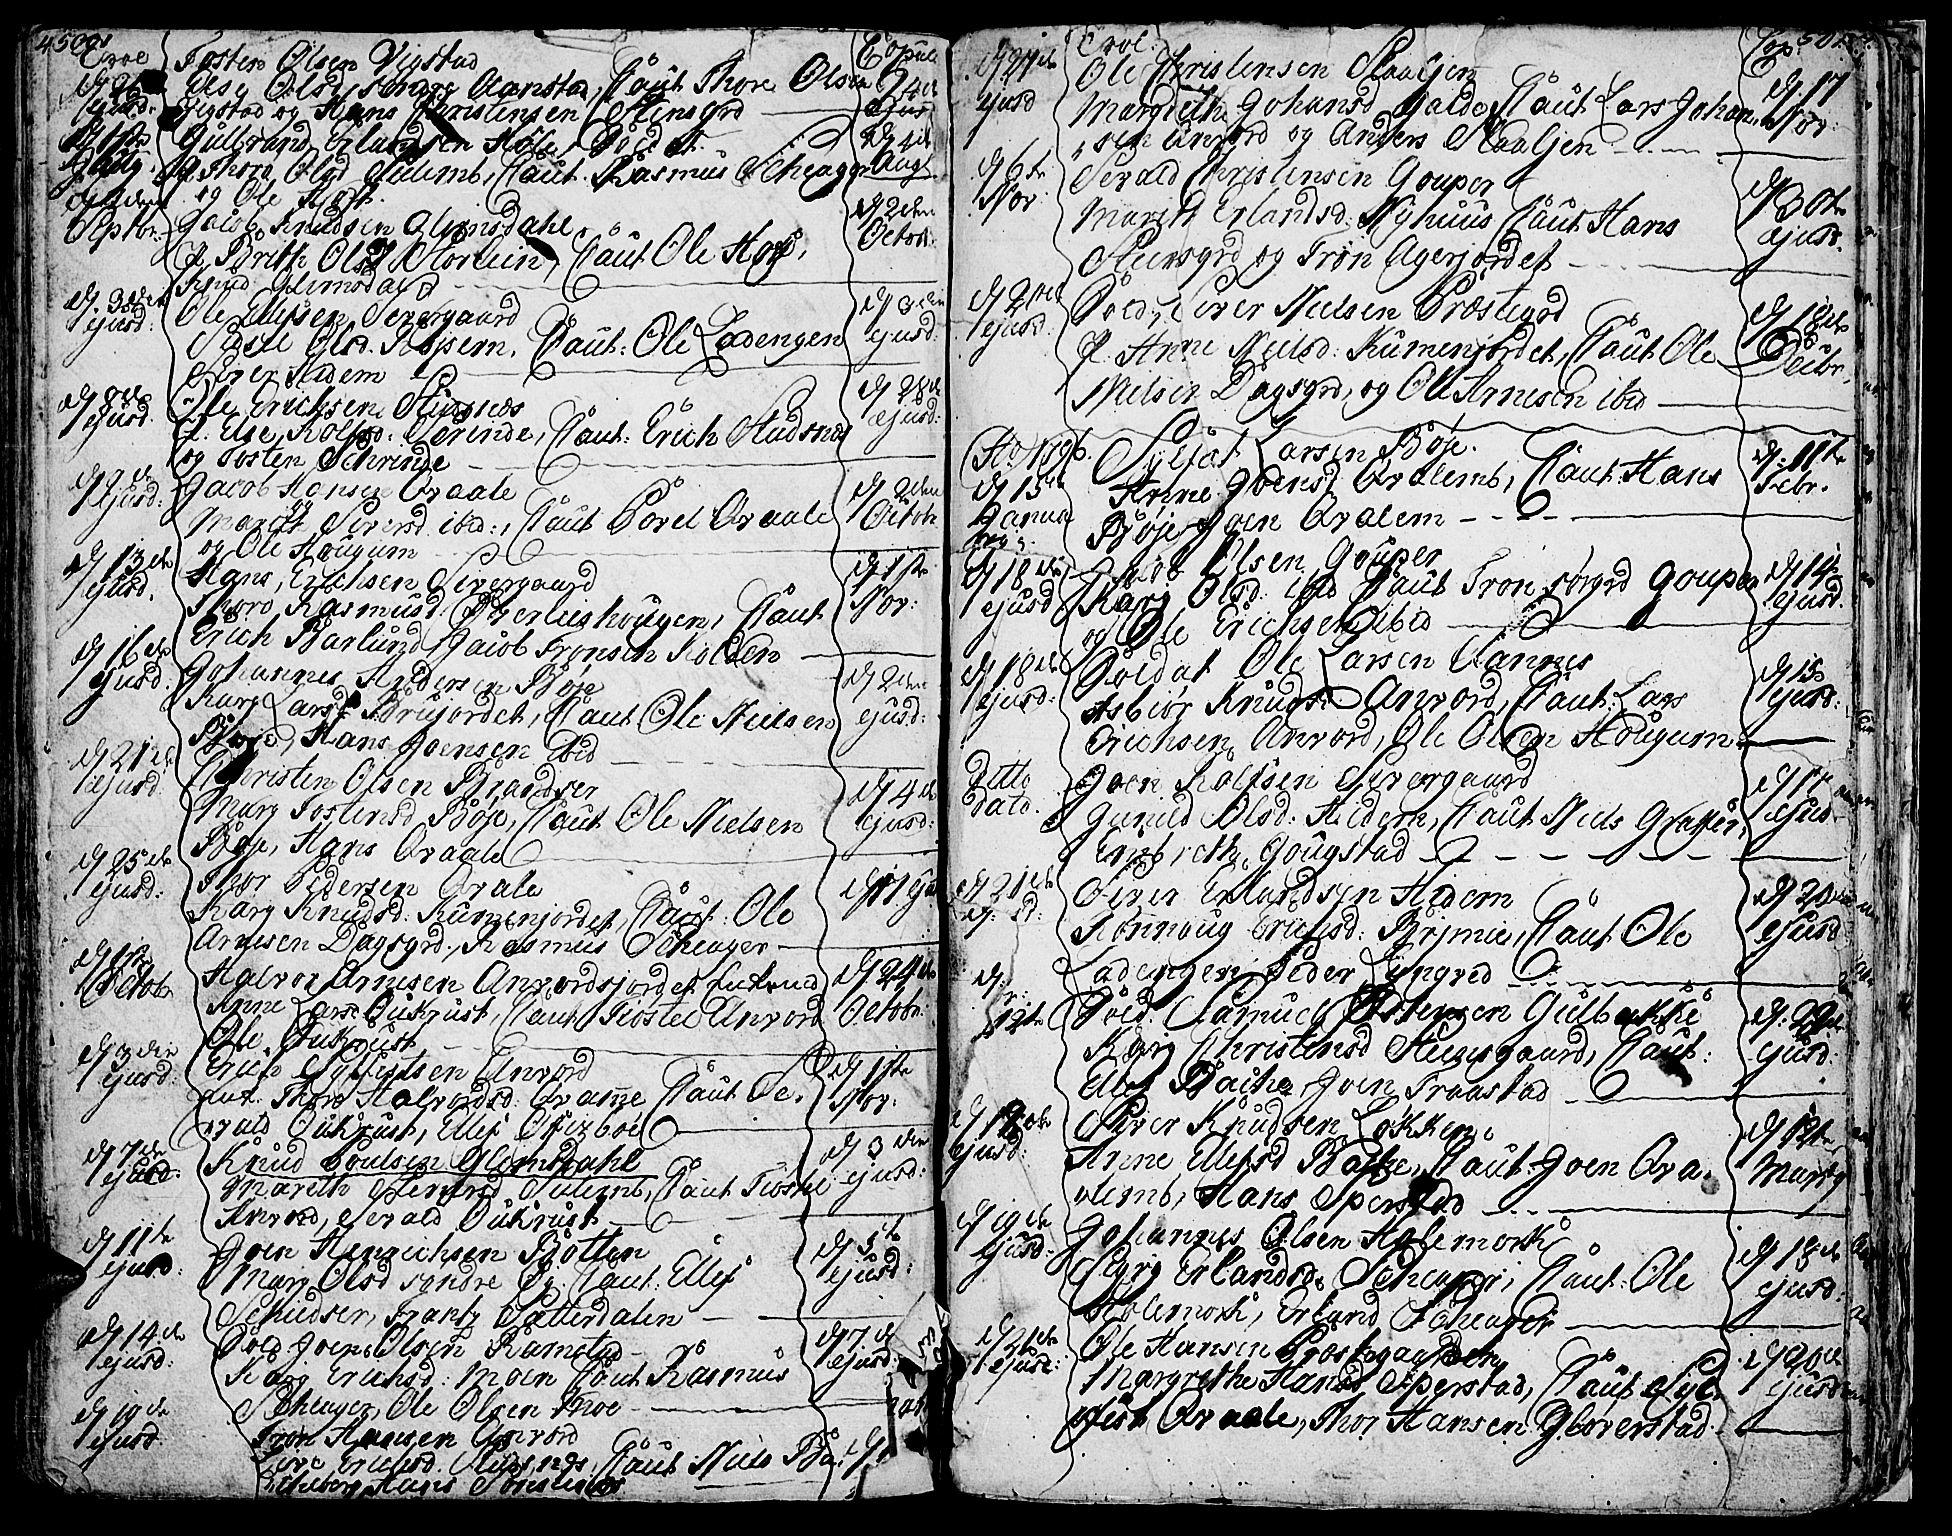 SAH, Lom prestekontor, K/L0002: Ministerialbok nr. 2, 1749-1801, s. 500-501